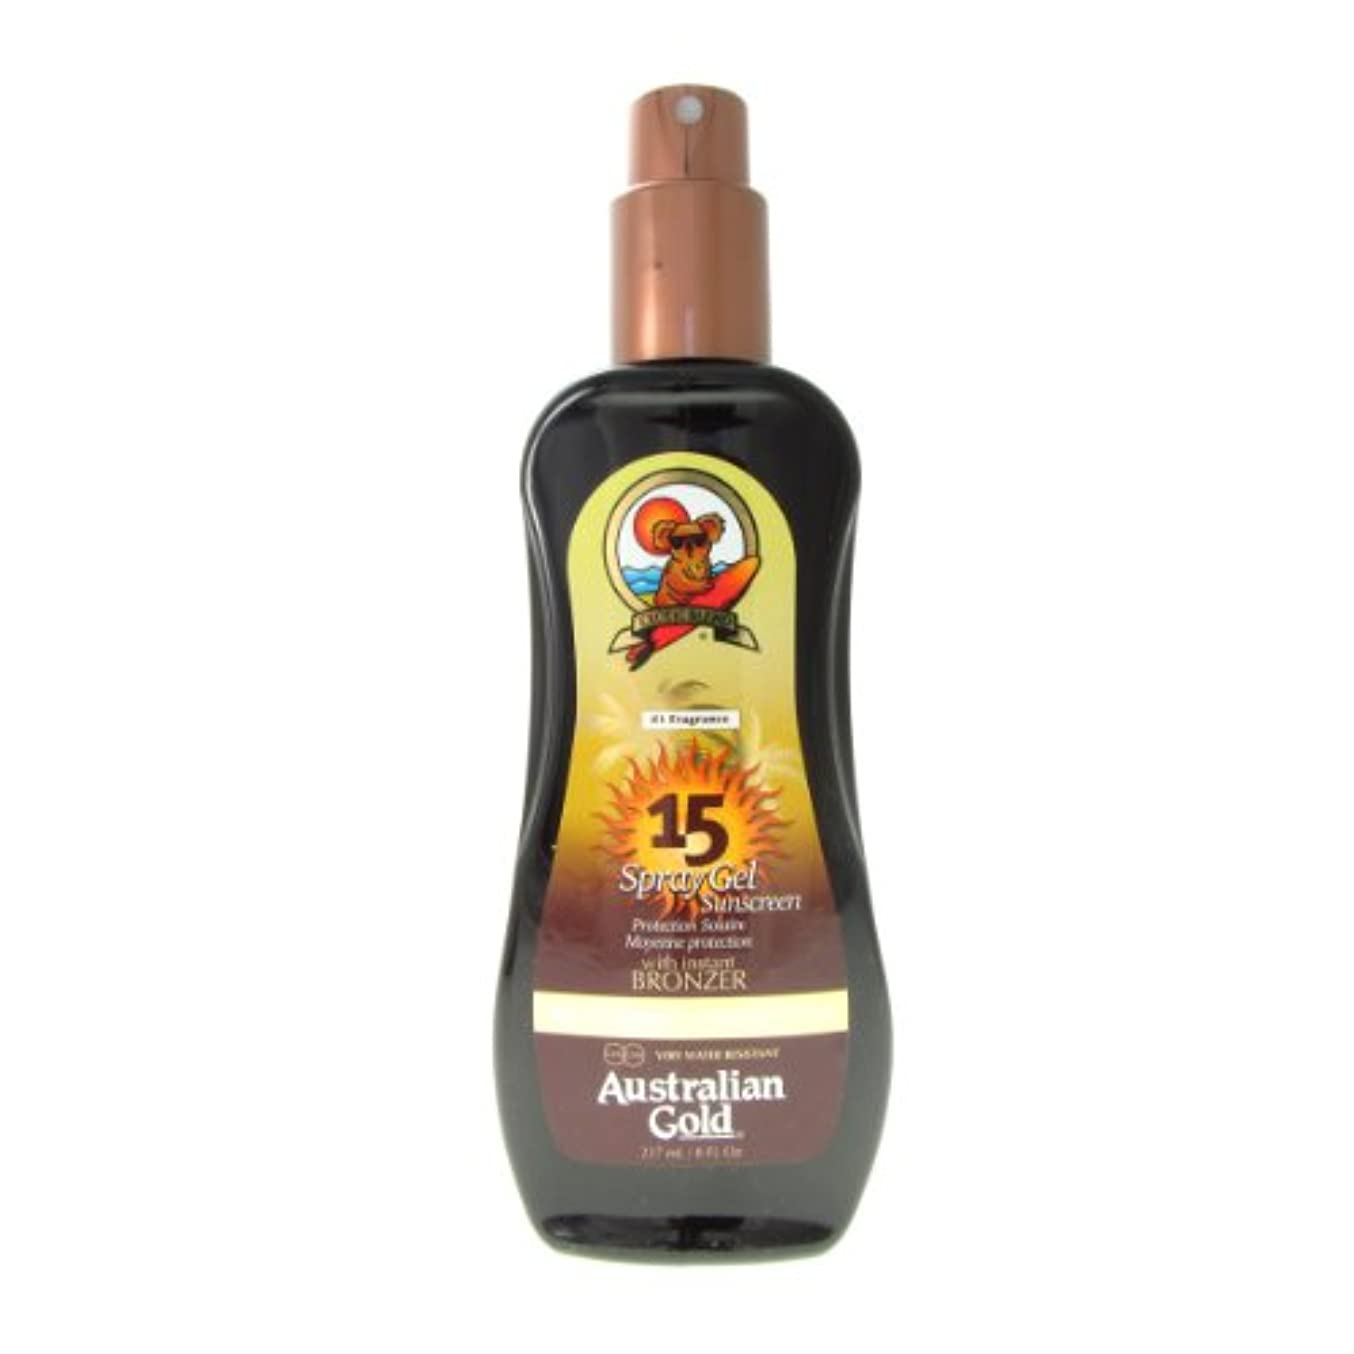 ラウズパット東ティモールAustralian Gold Spray Gel Spf15 Instant Bronzer 237ml [並行輸入品]